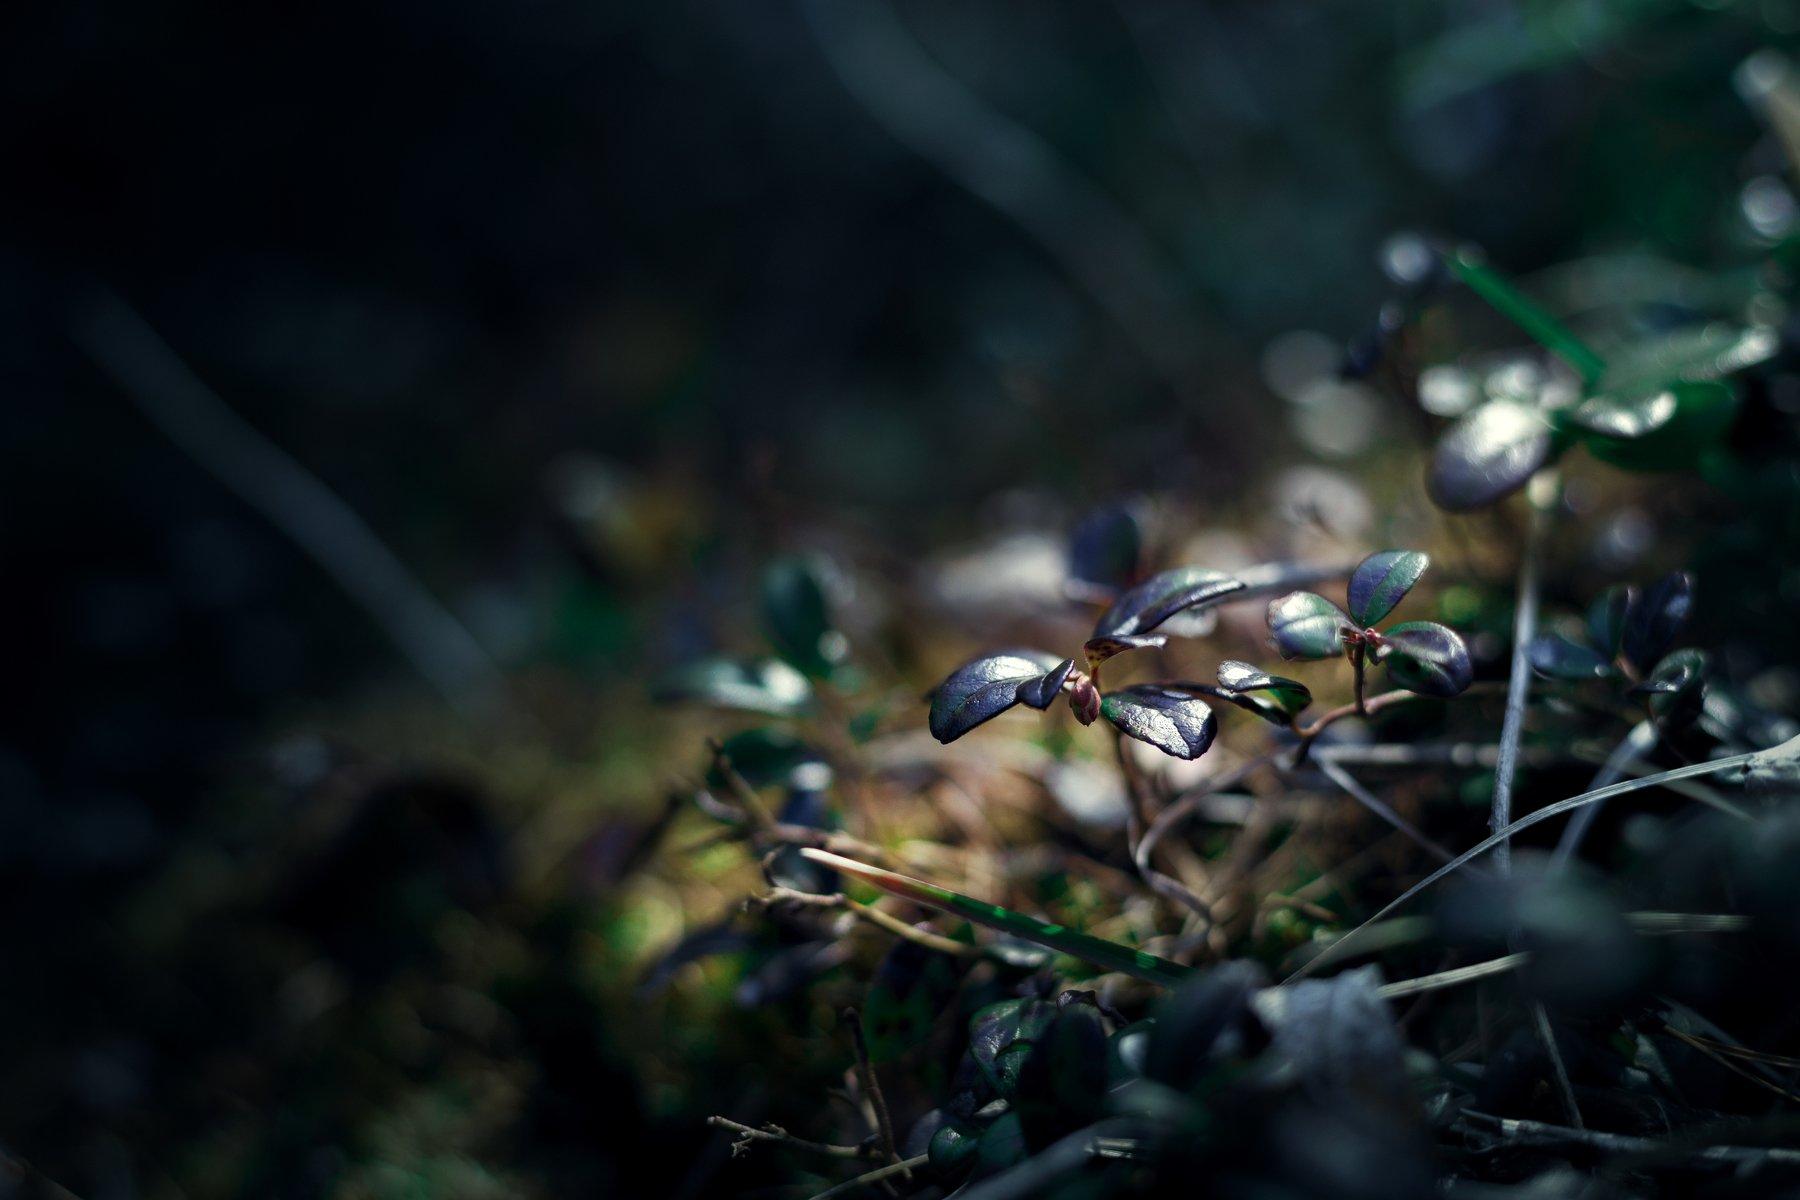 макро, природа, листья, Попов Станислав